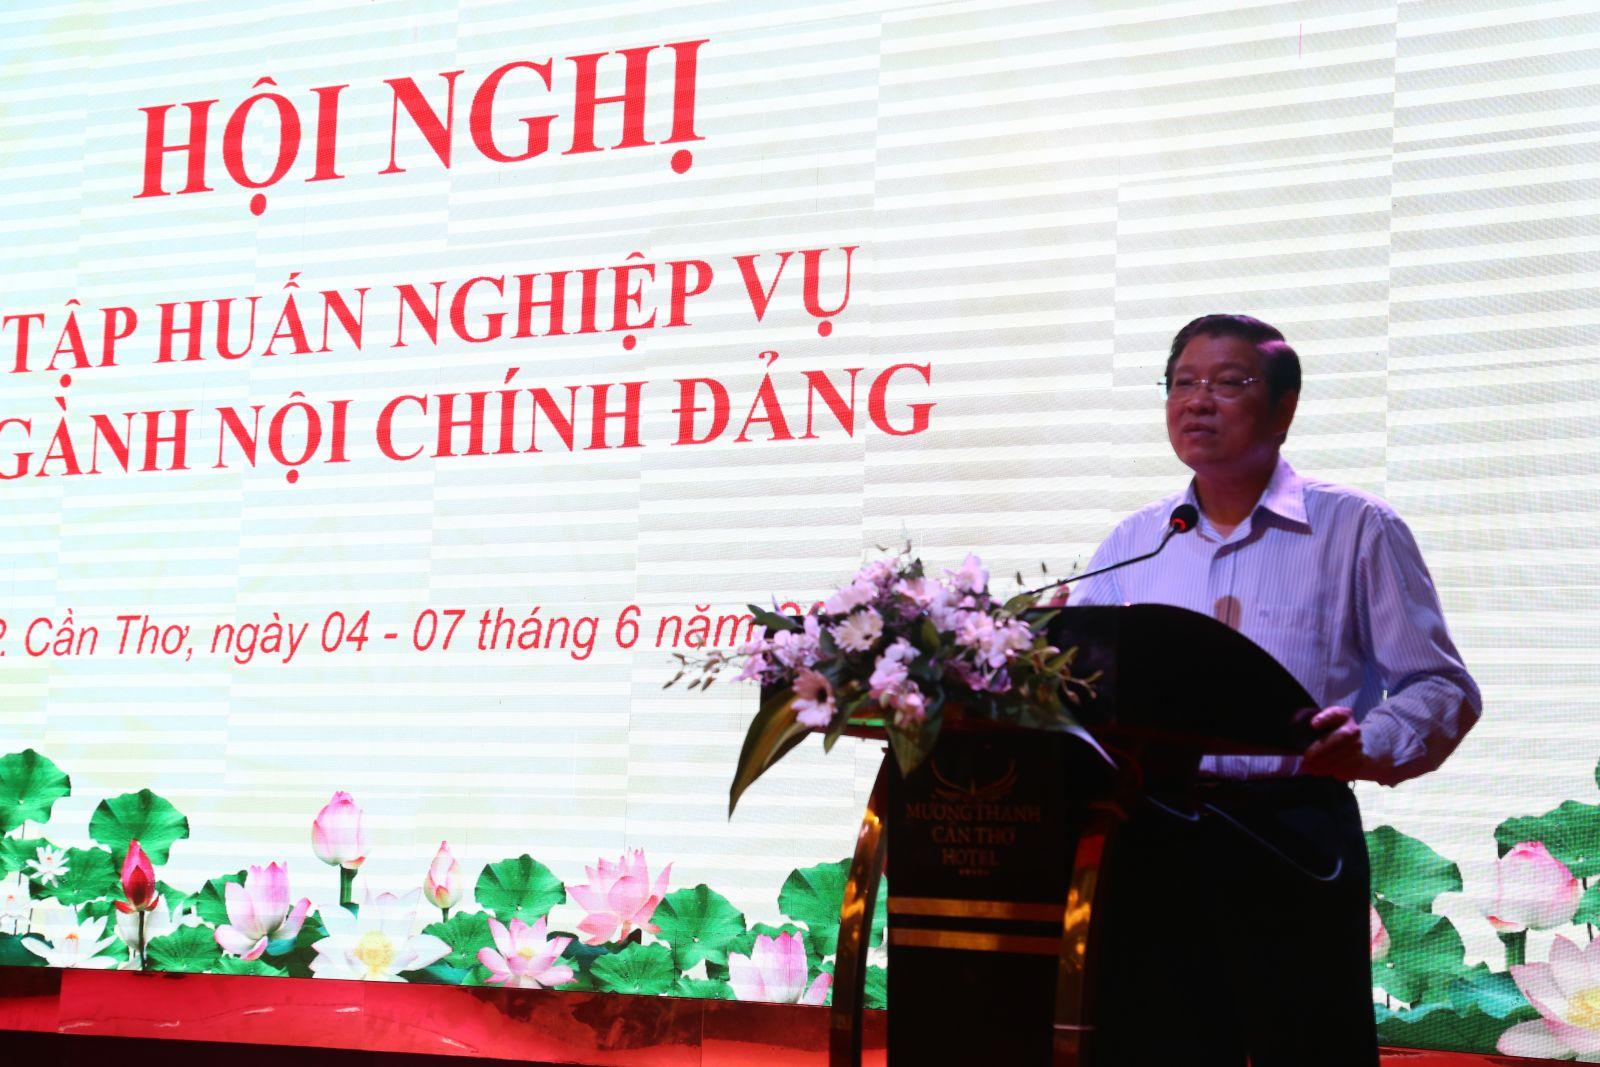 Đồng chí Phan Đình Trạc, Bí thư Trung ương Đảng, Trưởng Ban Nội chính Trung ương phát biểu bế mạc hội nghị. Ảnh: S.H